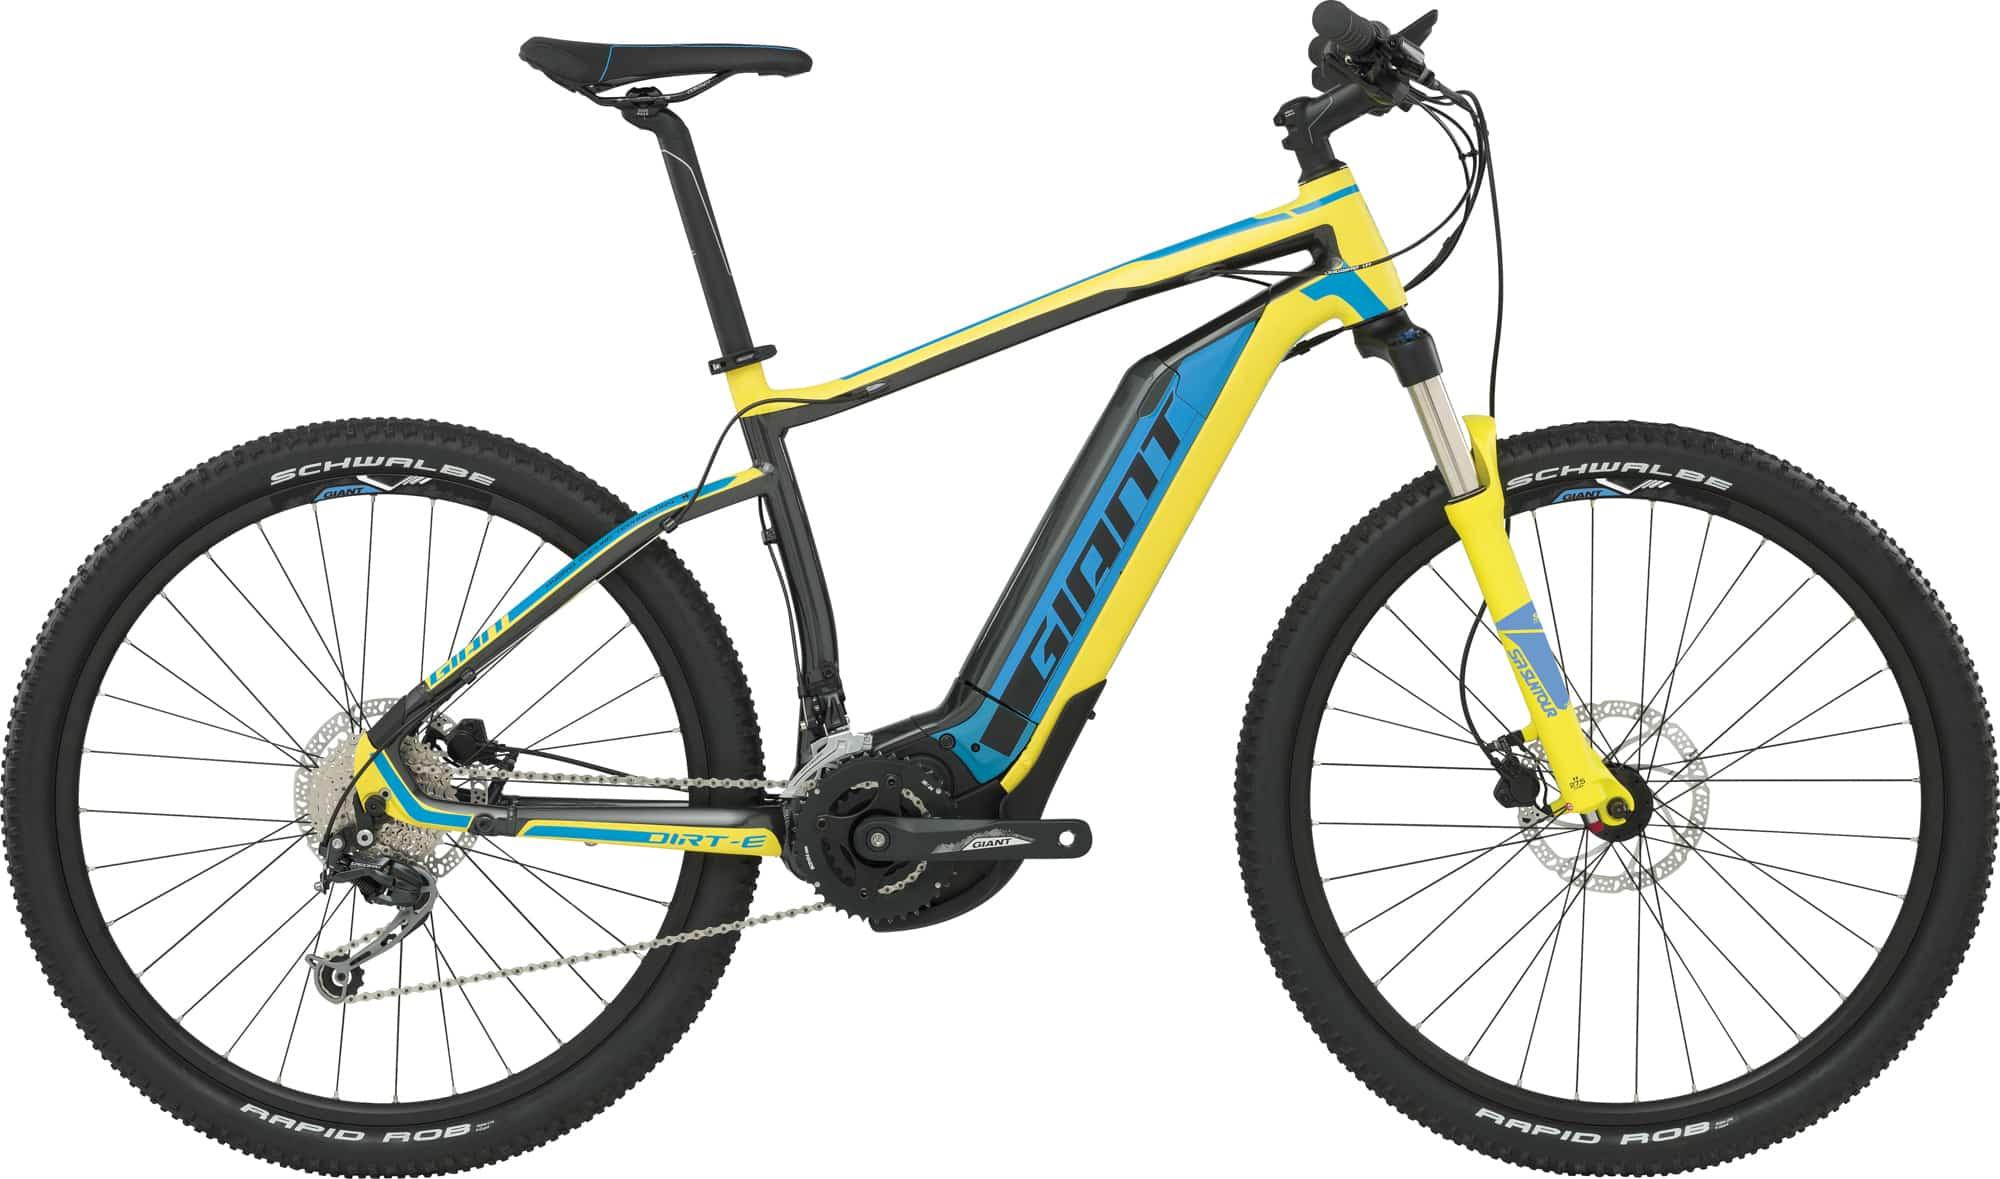 jahres e bikes gebraucht zum schn ppchenpreis used. Black Bedroom Furniture Sets. Home Design Ideas